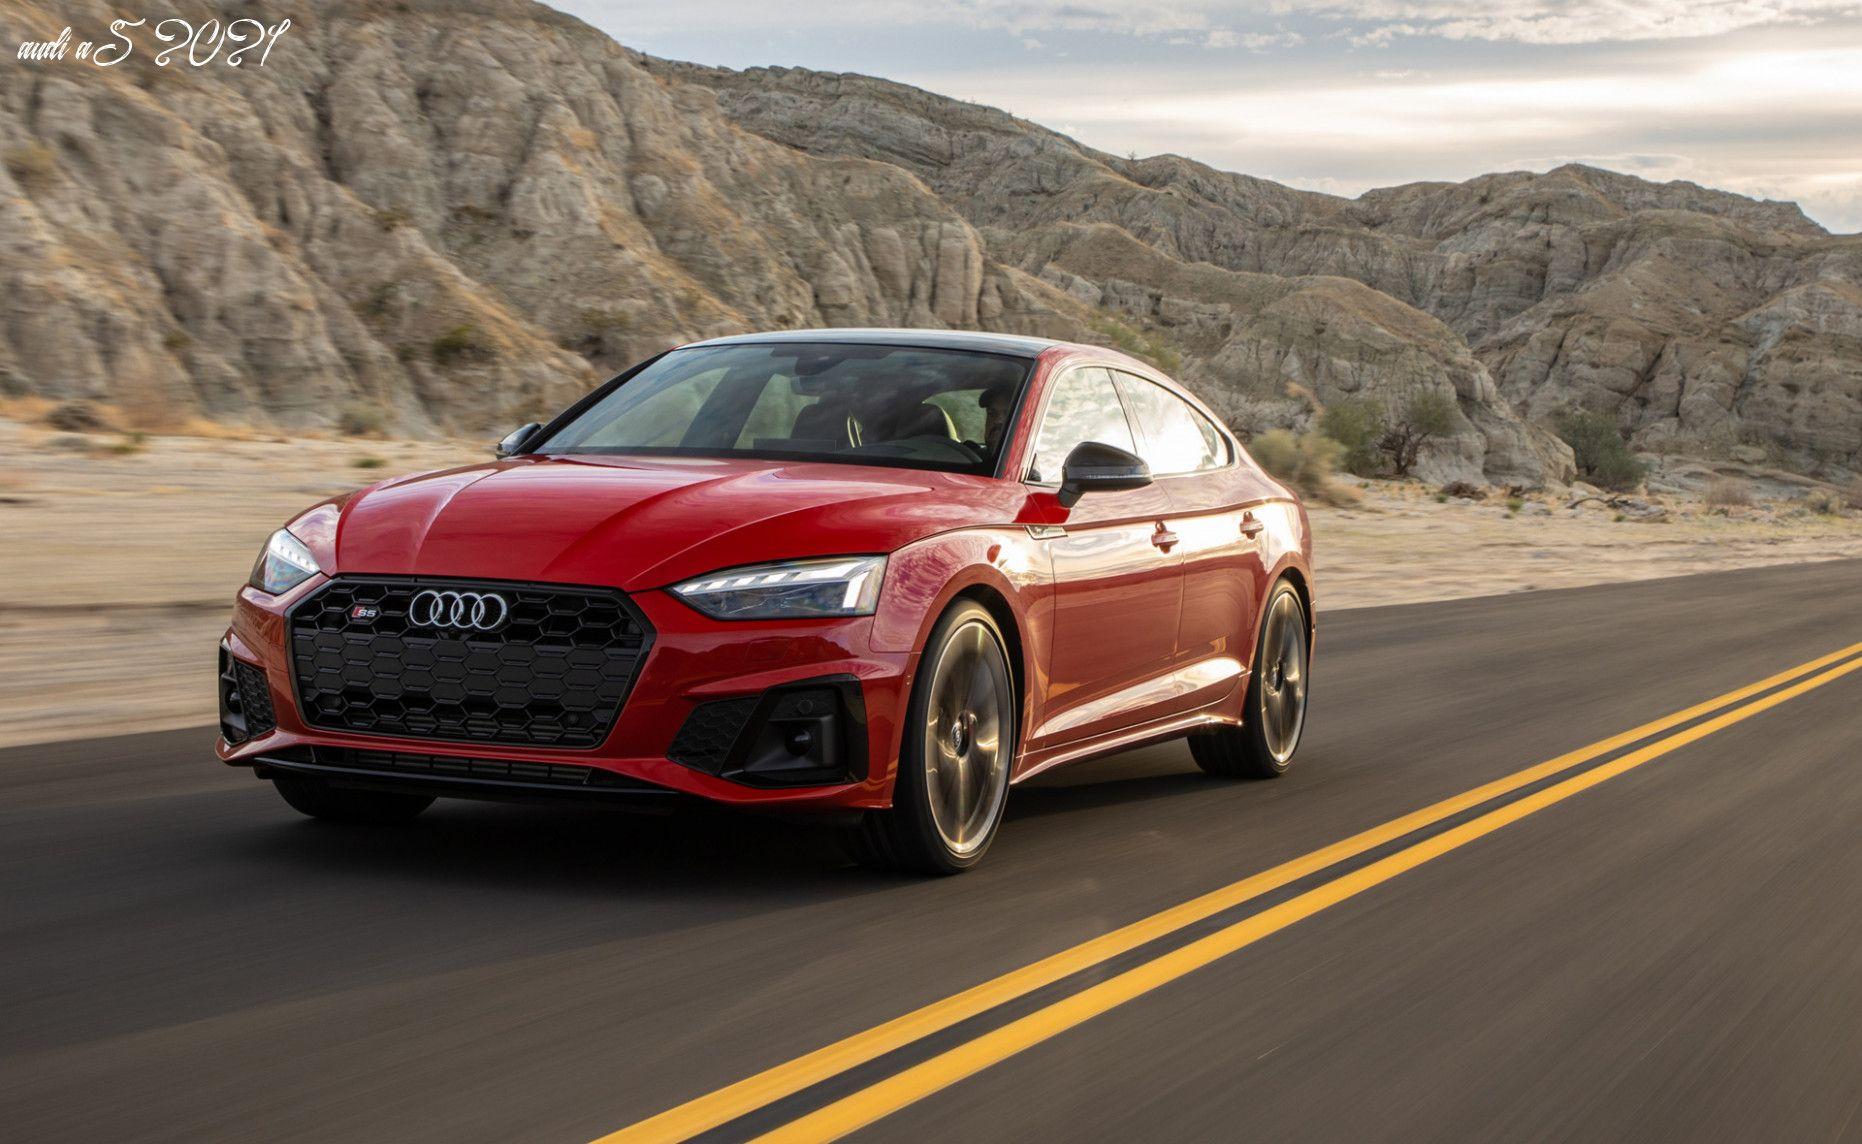 Audi A5 2021 in 2020 Audi a5 sportback, Audi a5, Audi a5